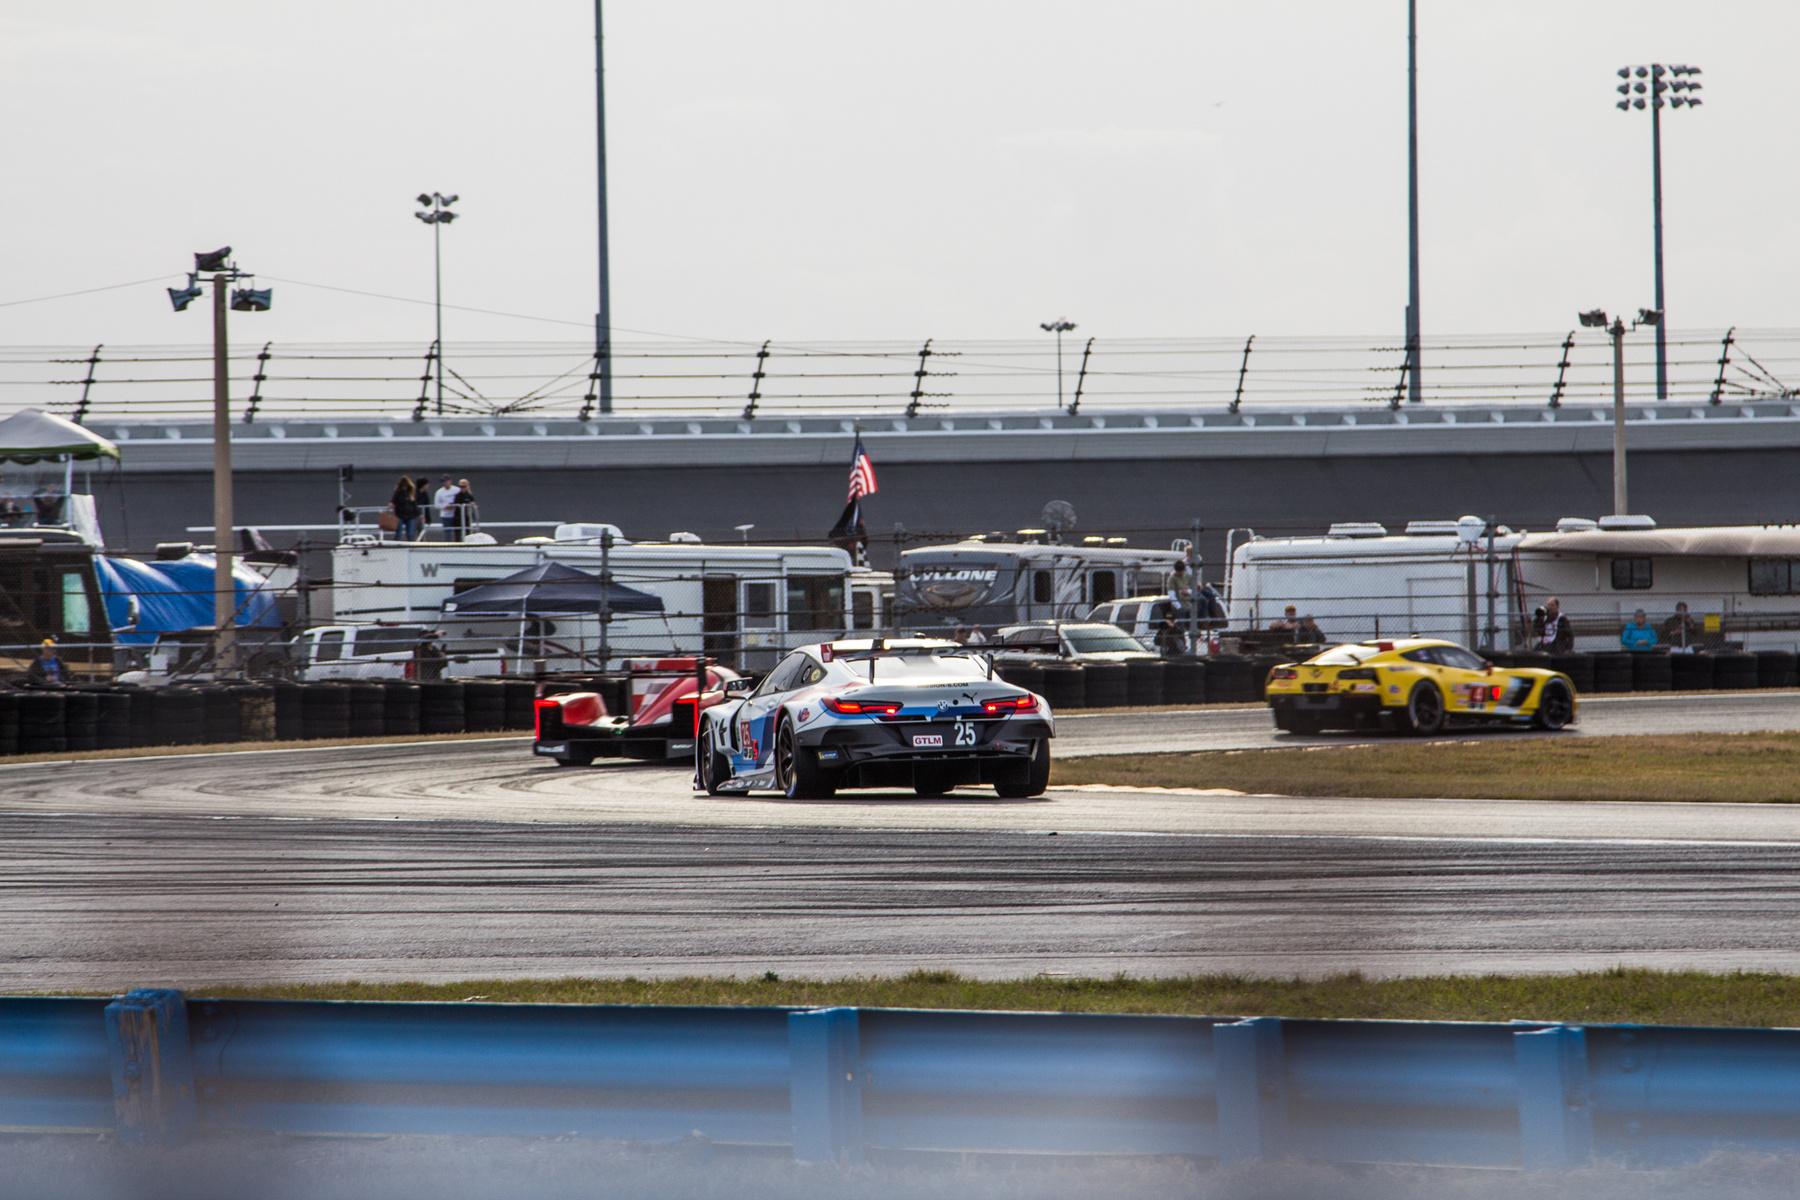 Akiknek nem jött össze: Mathias Laudáják (Niki fia) Ferrari 488 GT3-ja már messze a futam vége előtt kijött a garázsba